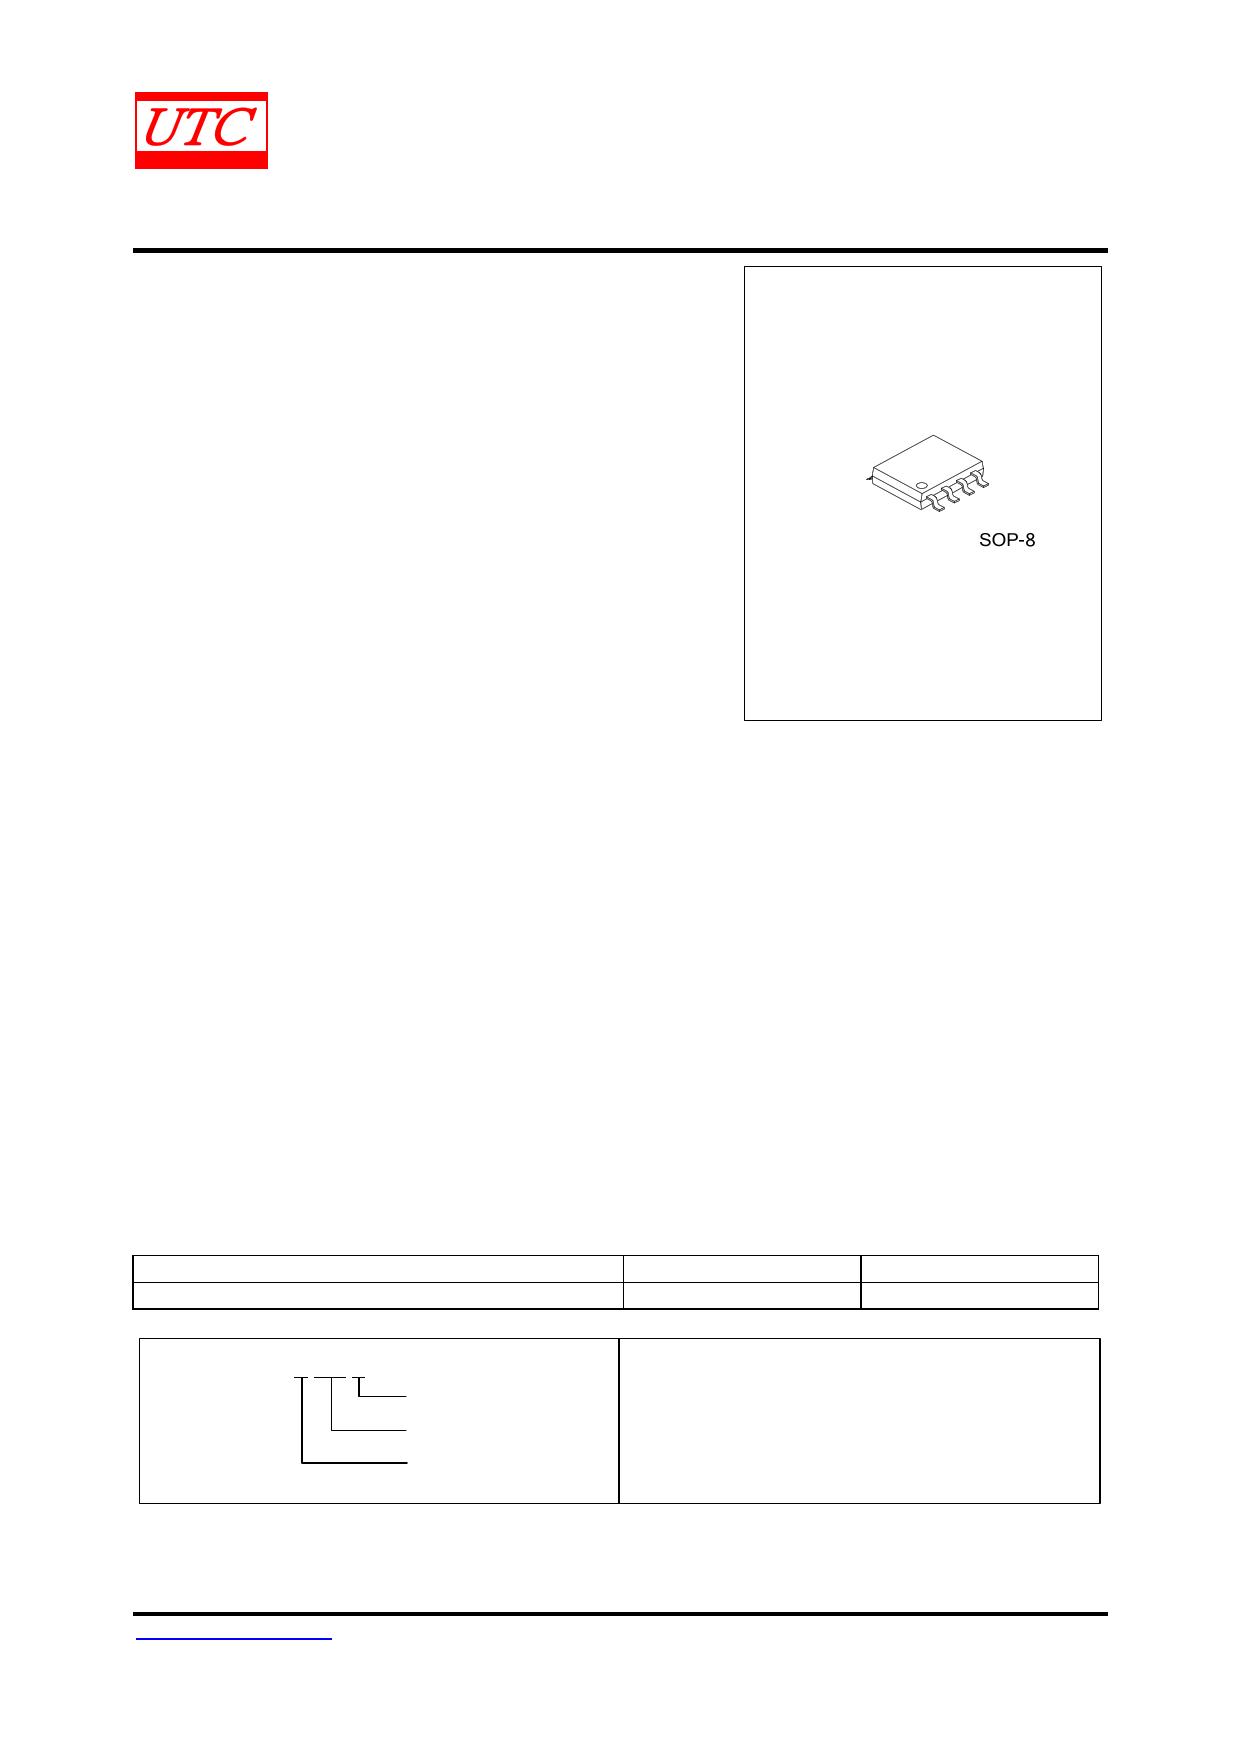 US3602 datasheet